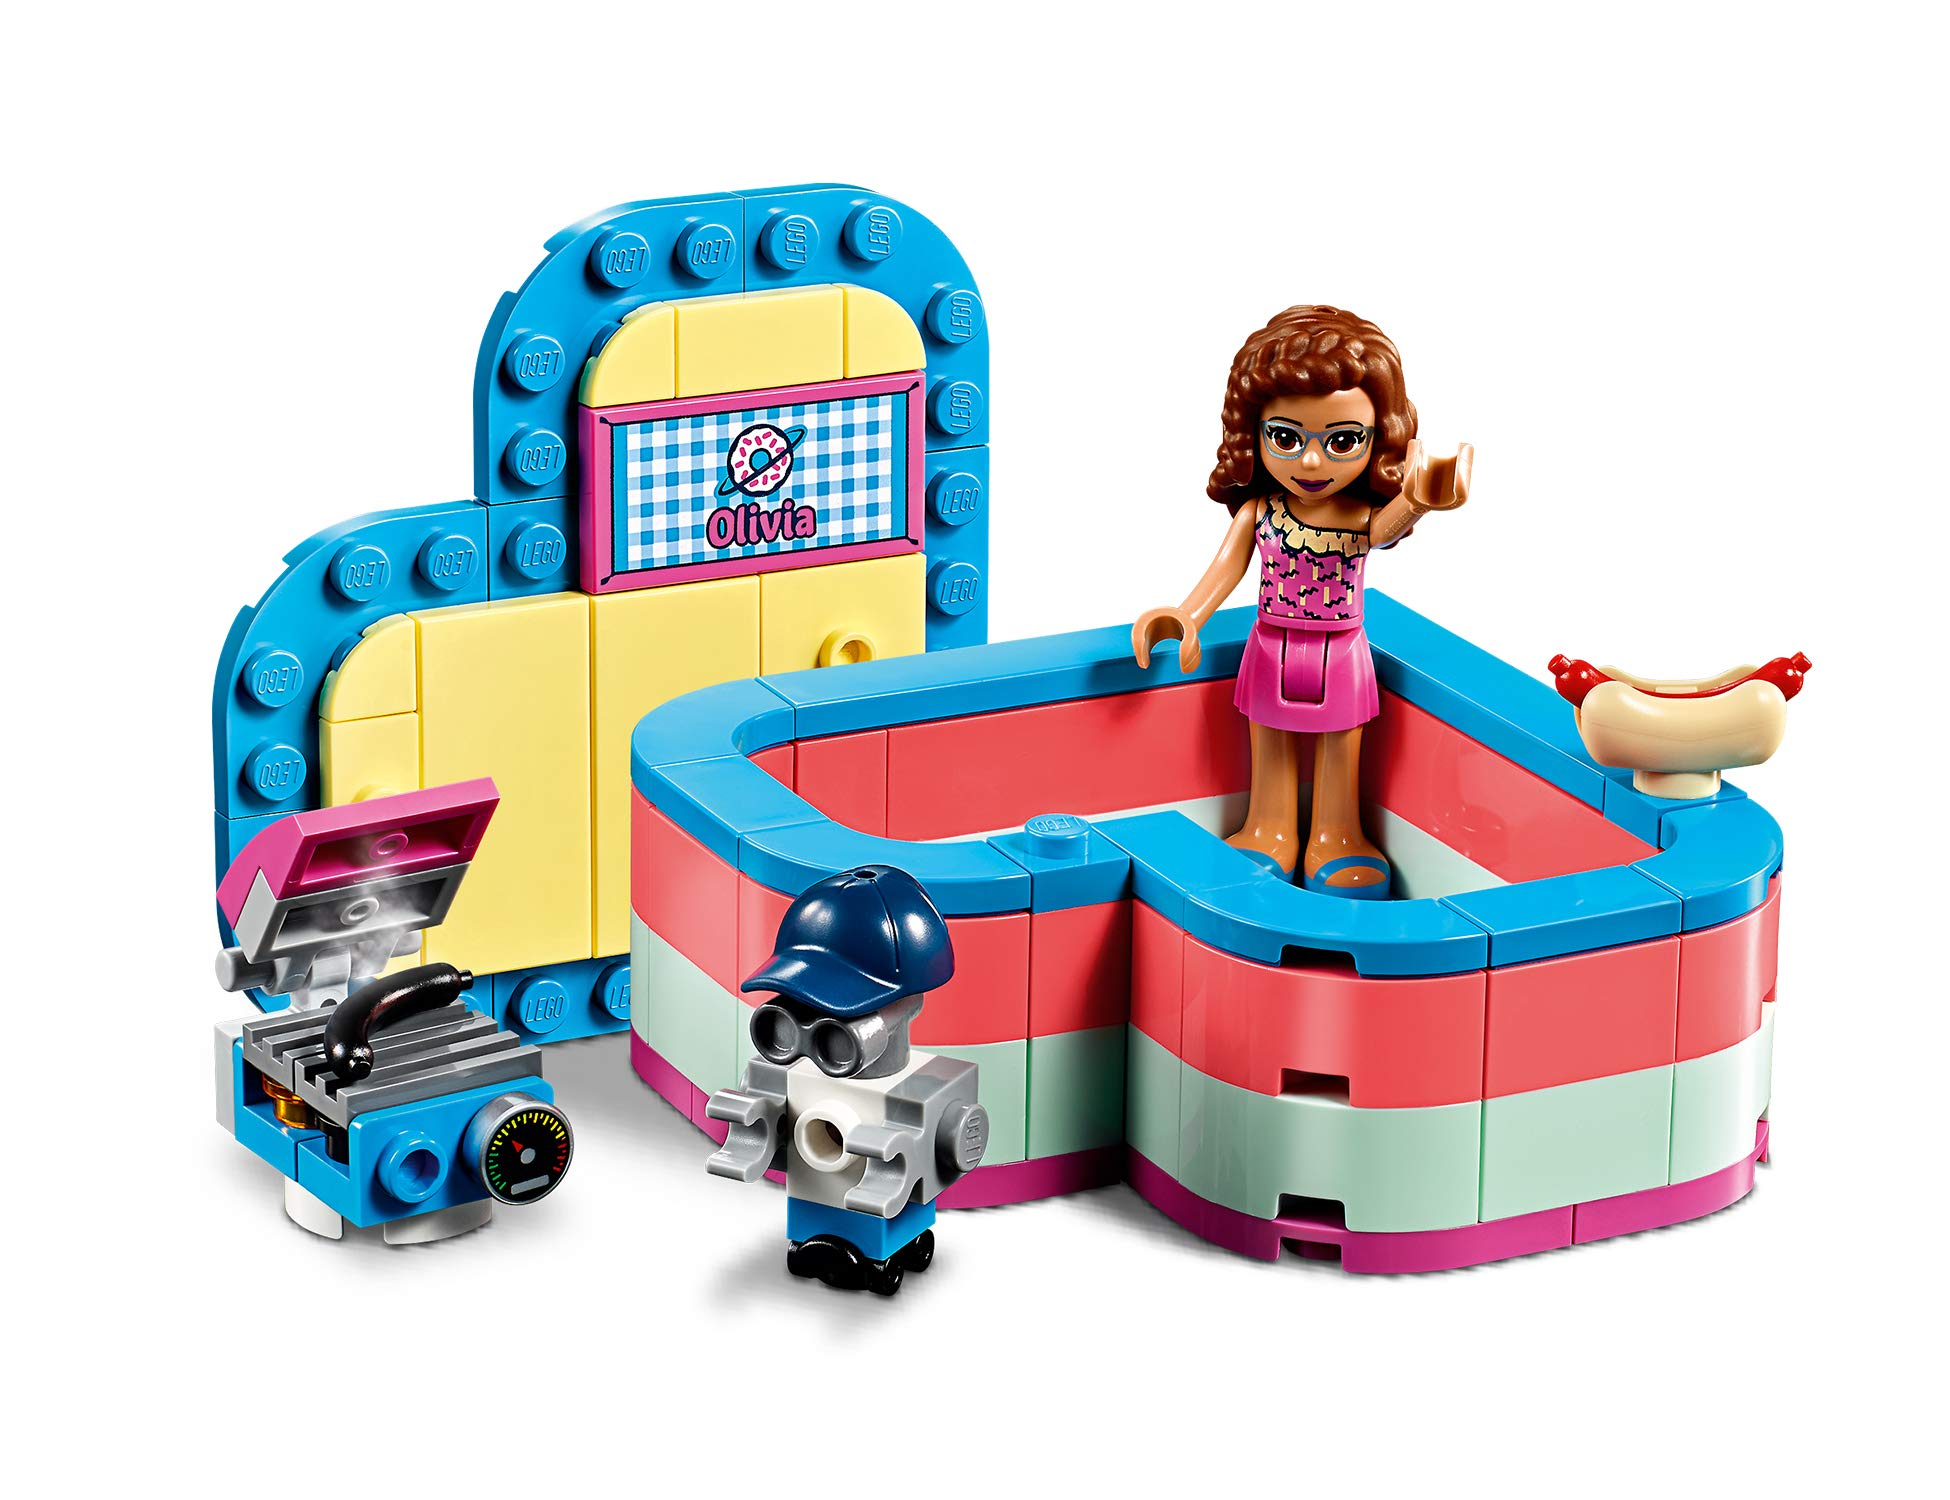 LEGO La Scatola Del Cuore Dell'Estate Di Olivia Costruzioni Piccole 3 spesavip